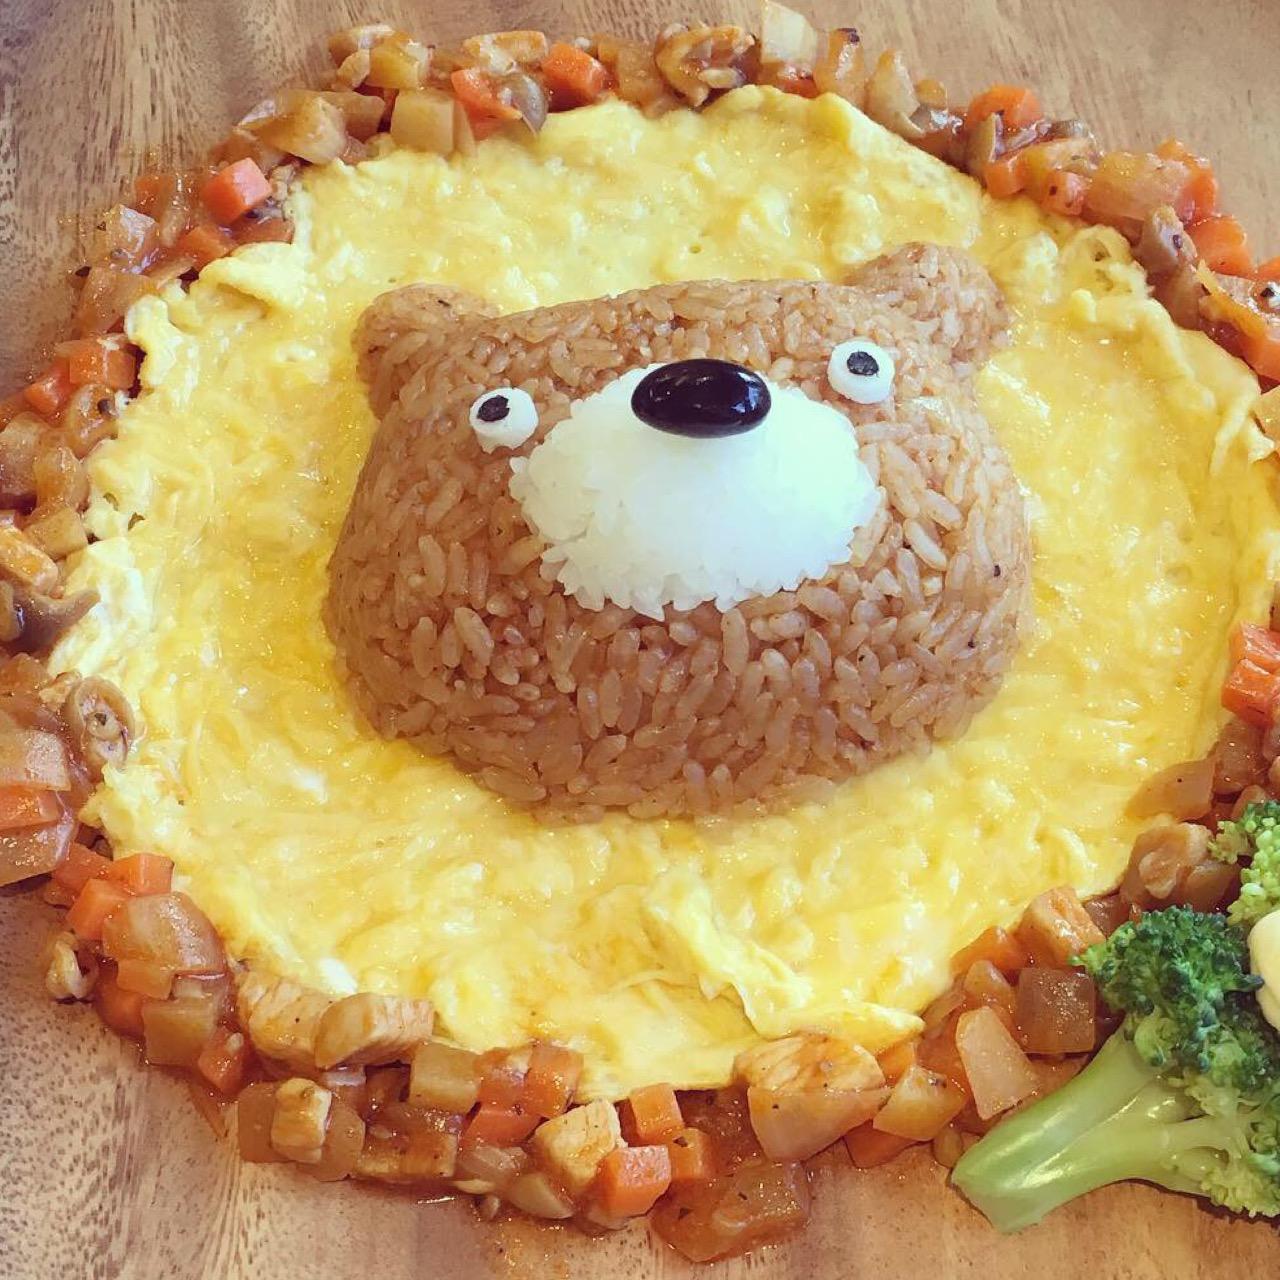 """へんてこかわいいどうぶつがおいしすぎる!""""henteco 森の洋菓子店""""に行ってきました♡_3"""